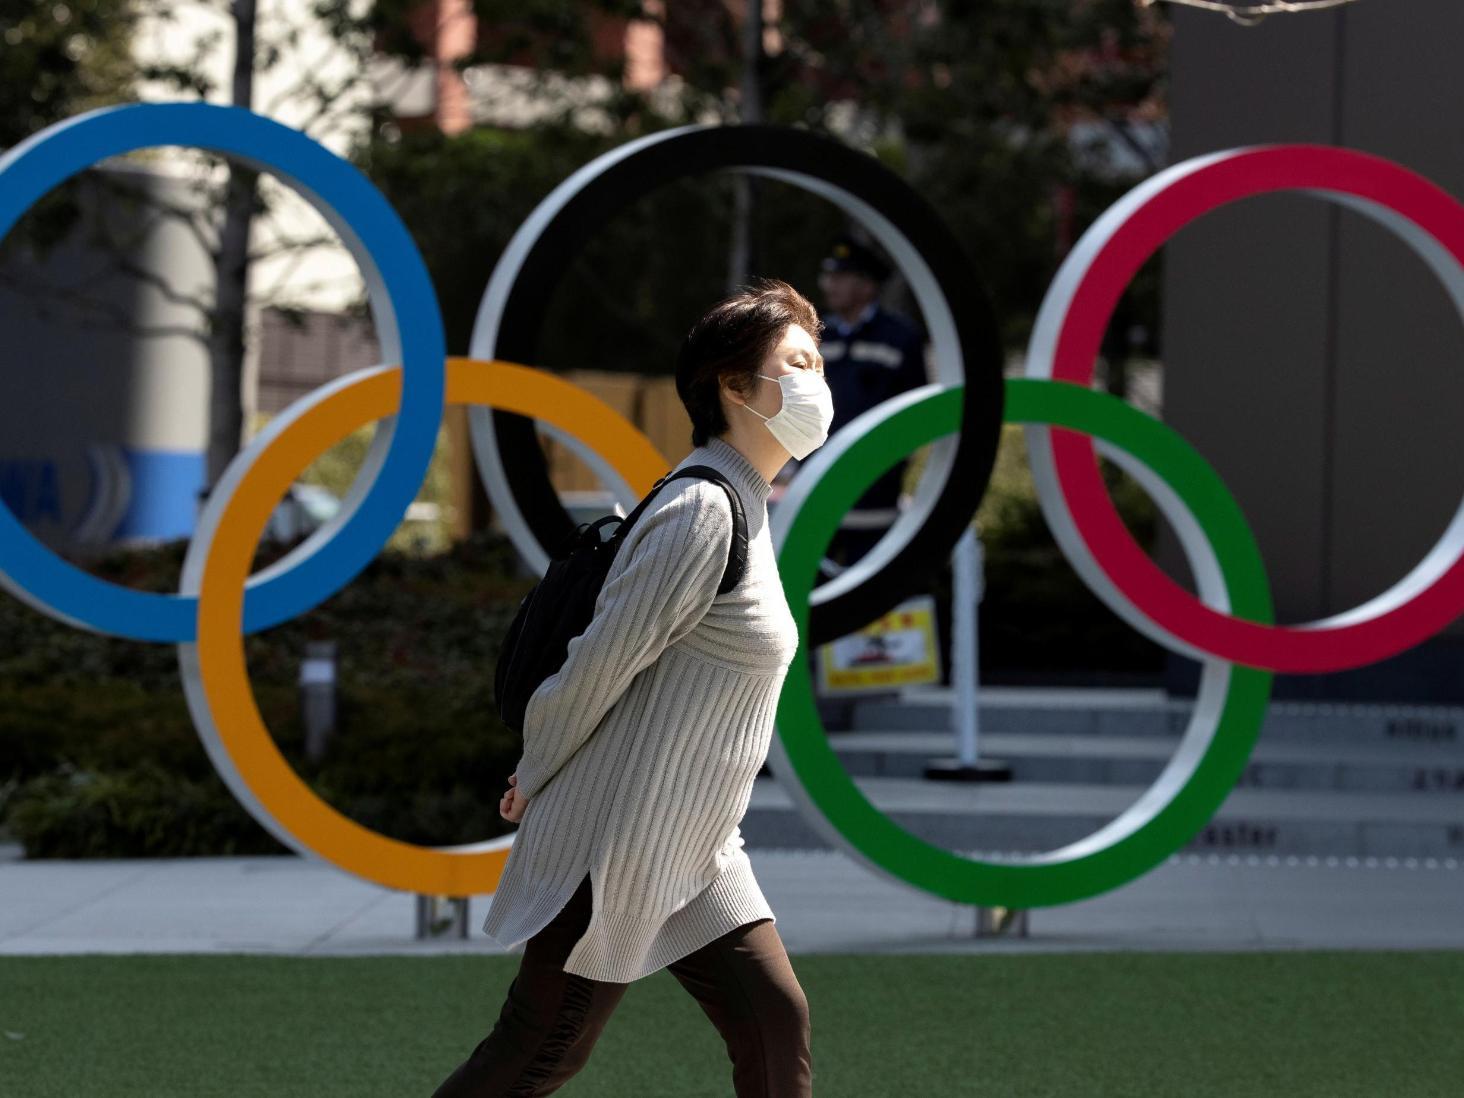 Олимпийские игры в Токио переносятся